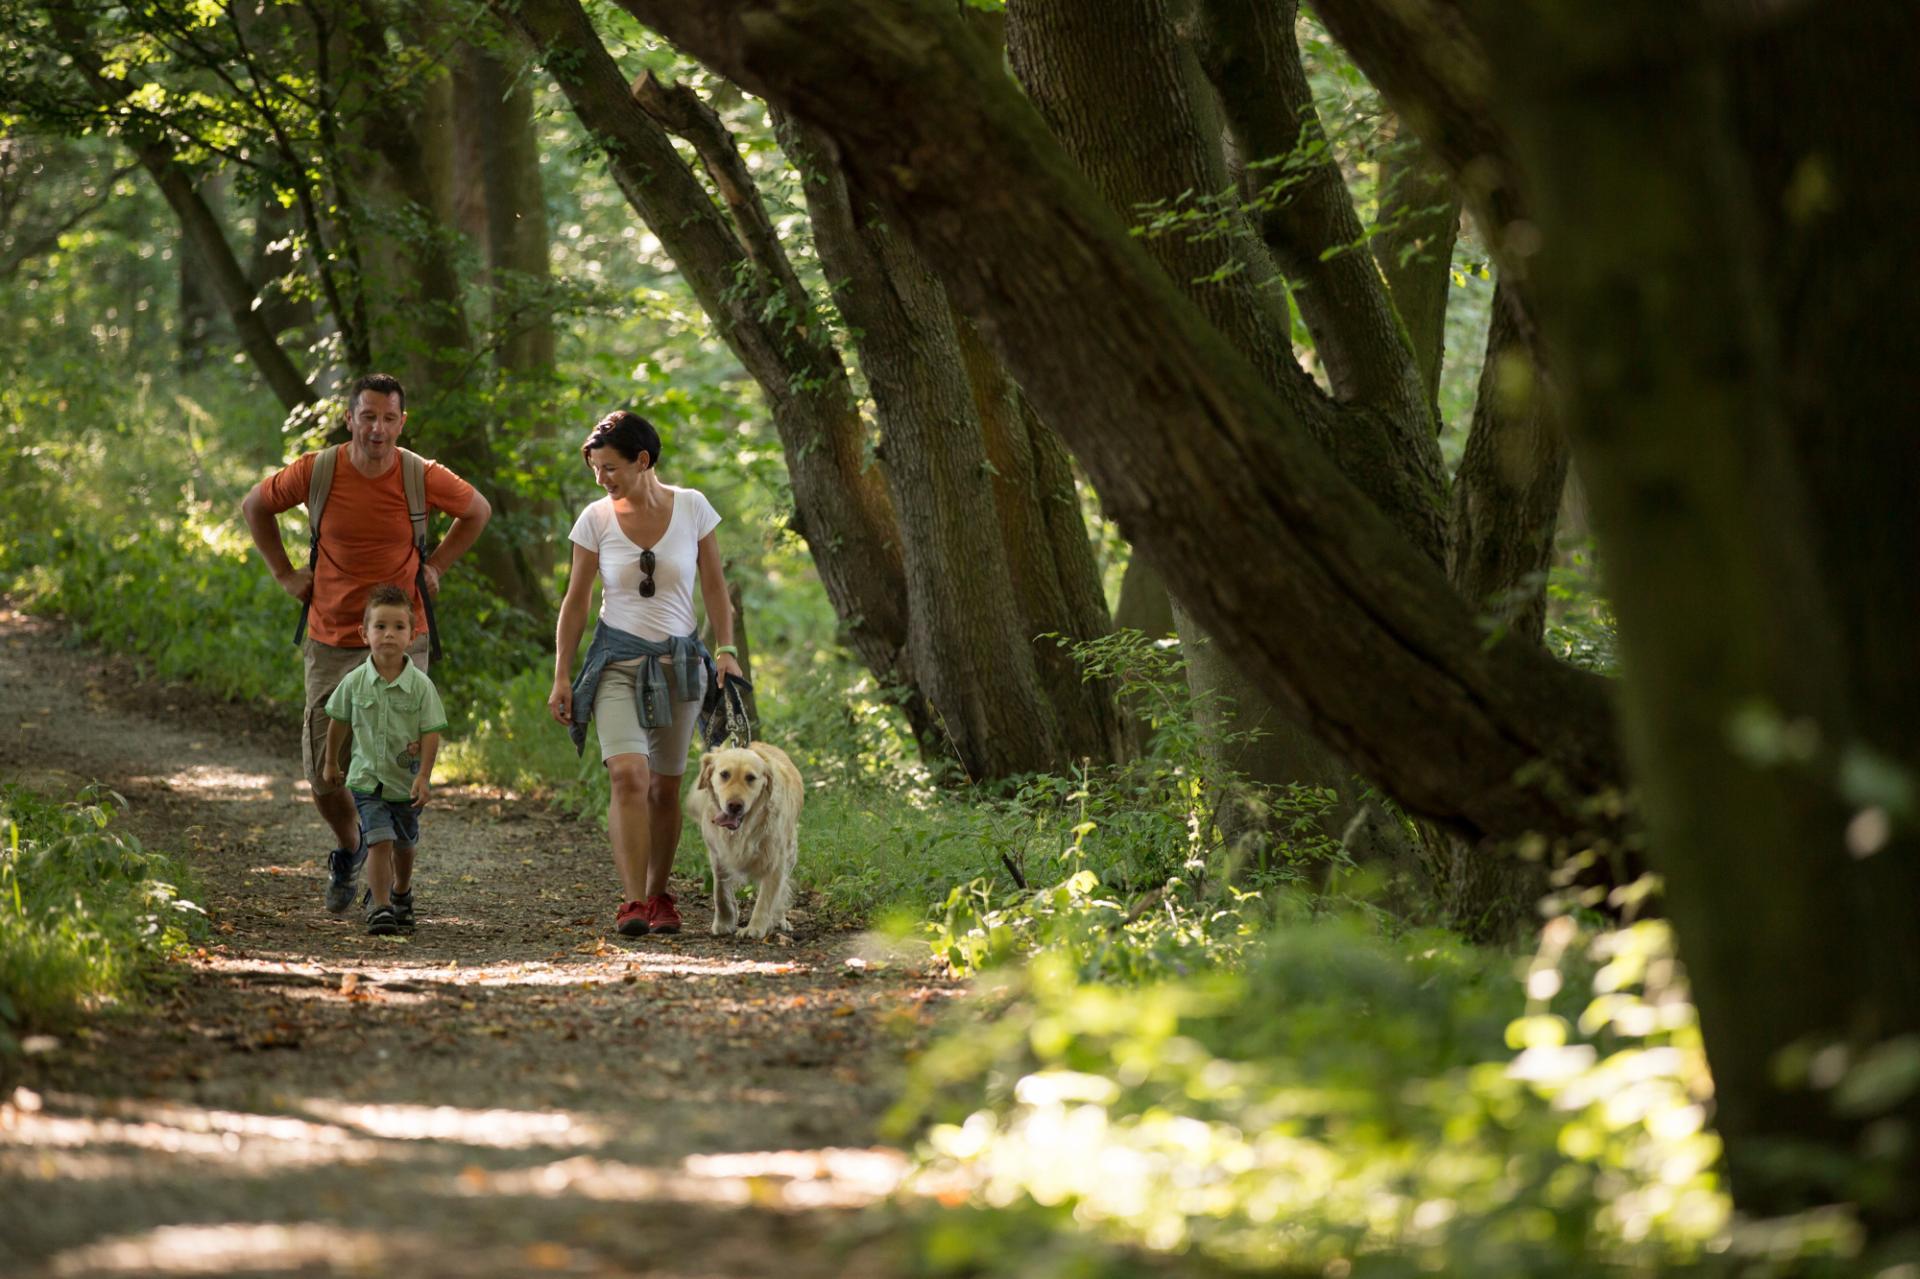 Mit der ganzen Familie wandern gehen, nur eine der zahlreichen Möglichkeiten zur Erholung und Entspannung, die der Nationalpark bietet. Foto: Tino Sieland